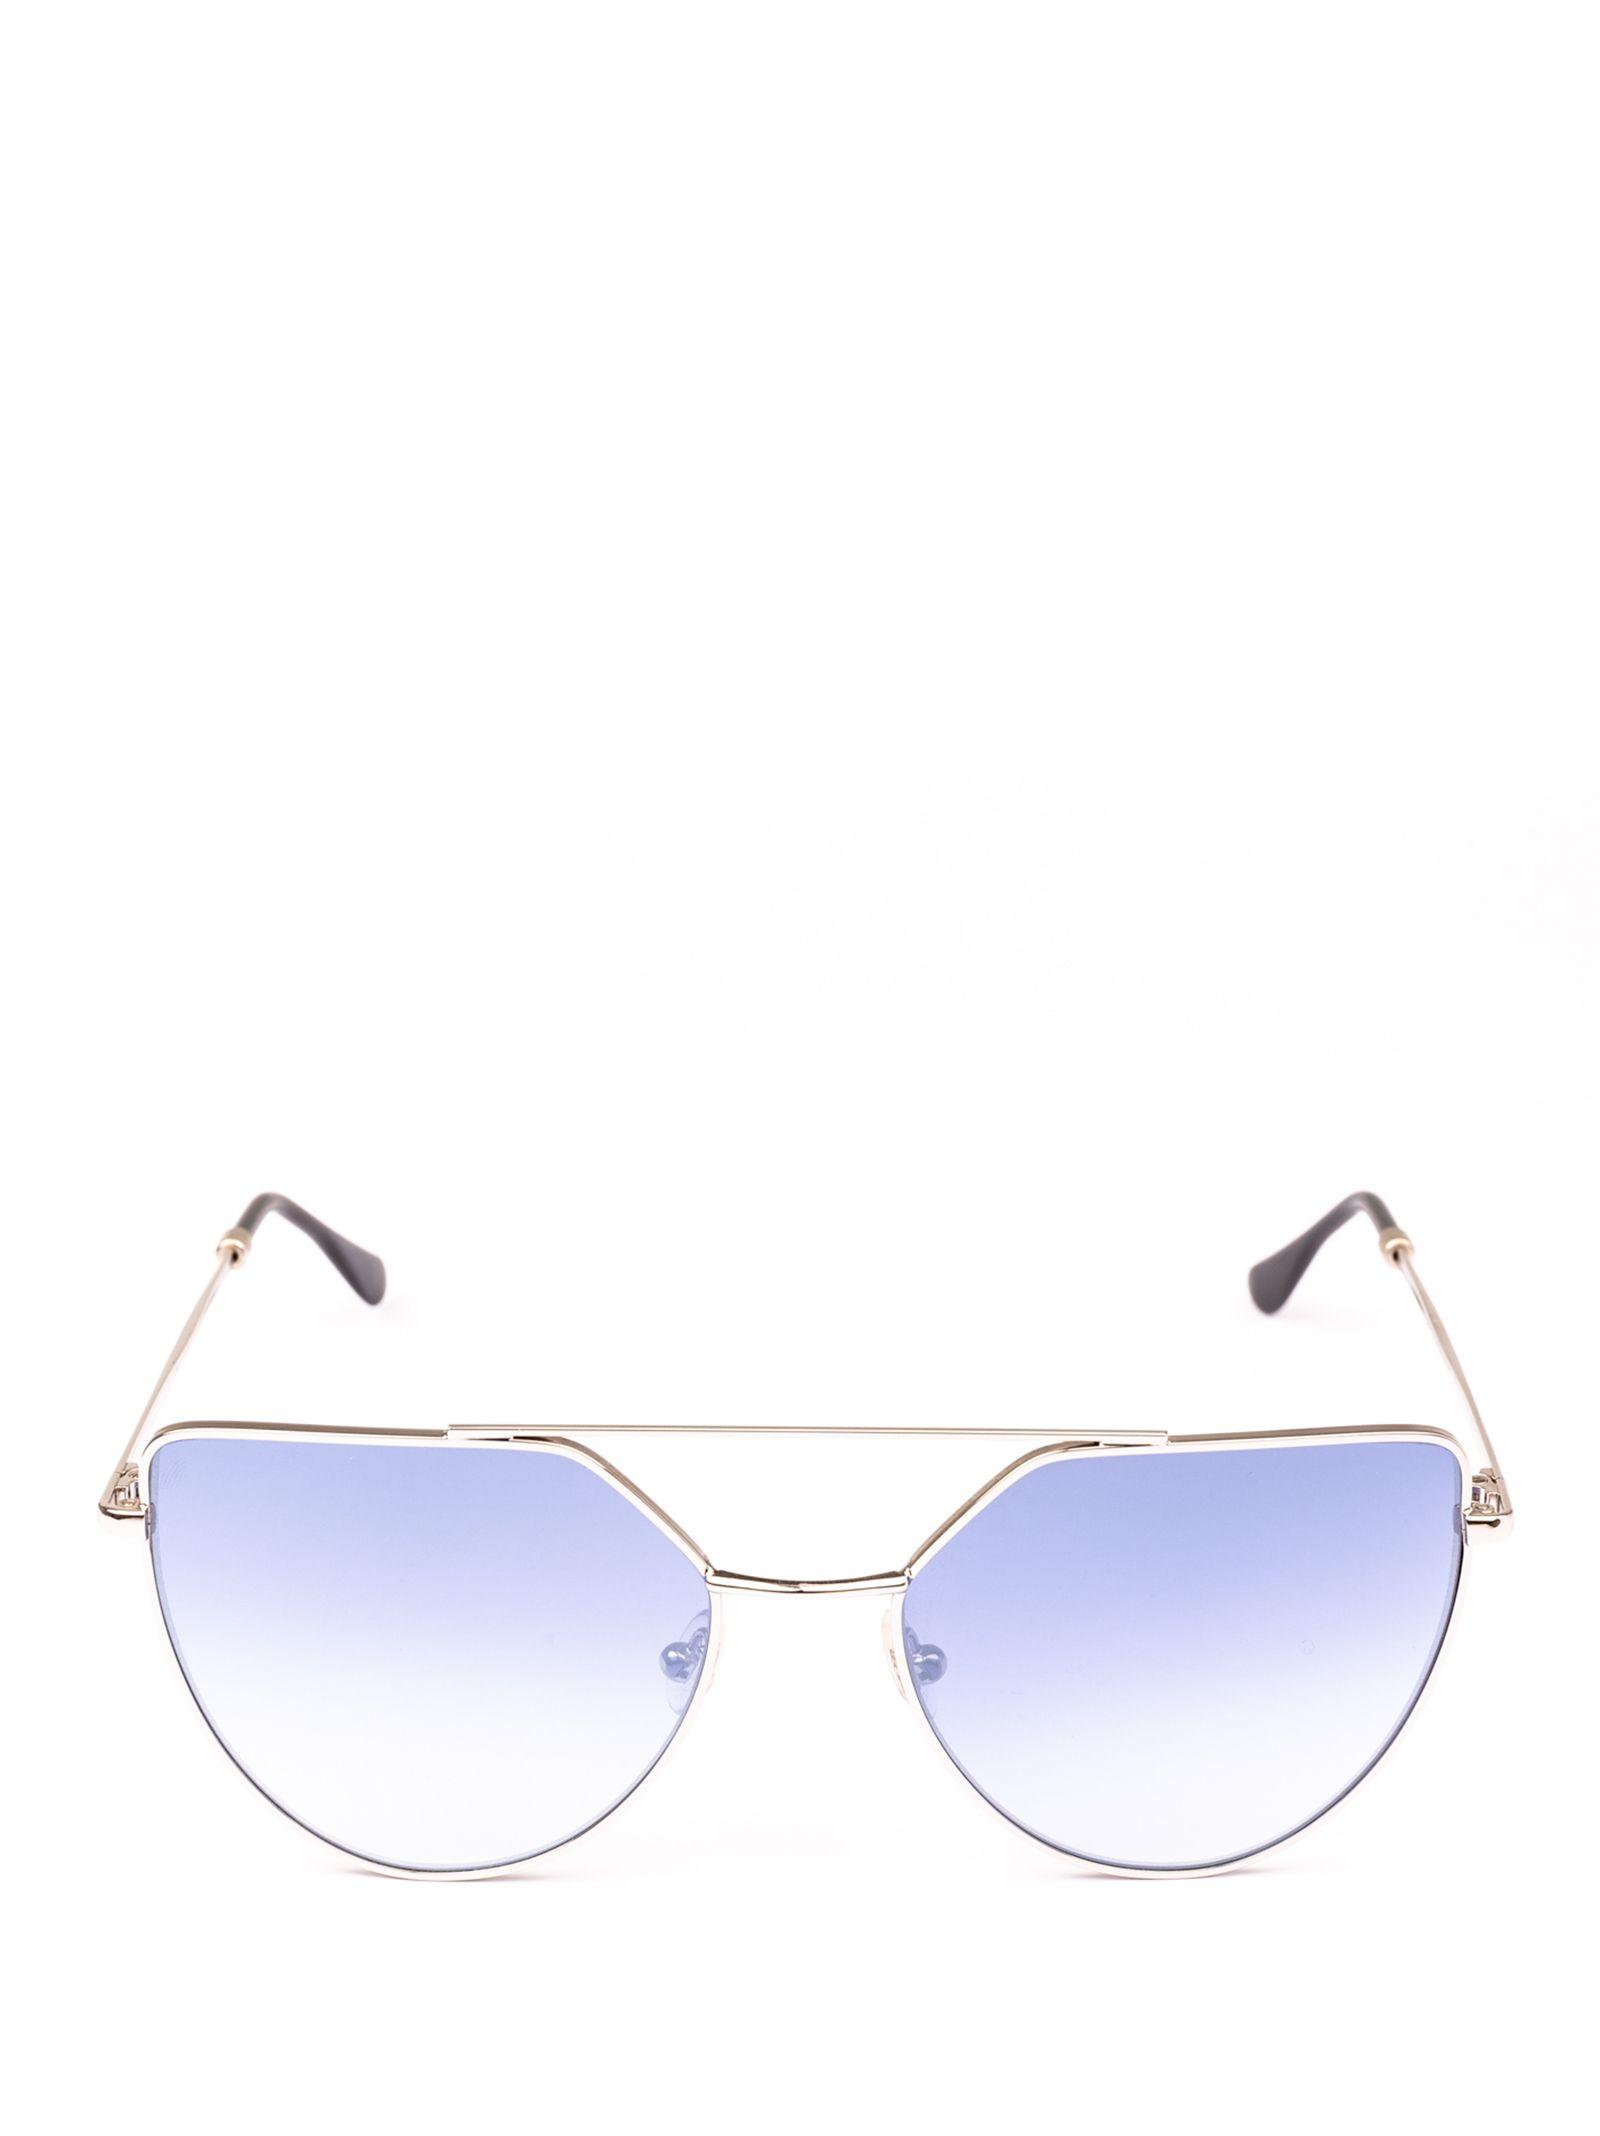 SPEKTRE Sunglasses in Osd04Bft